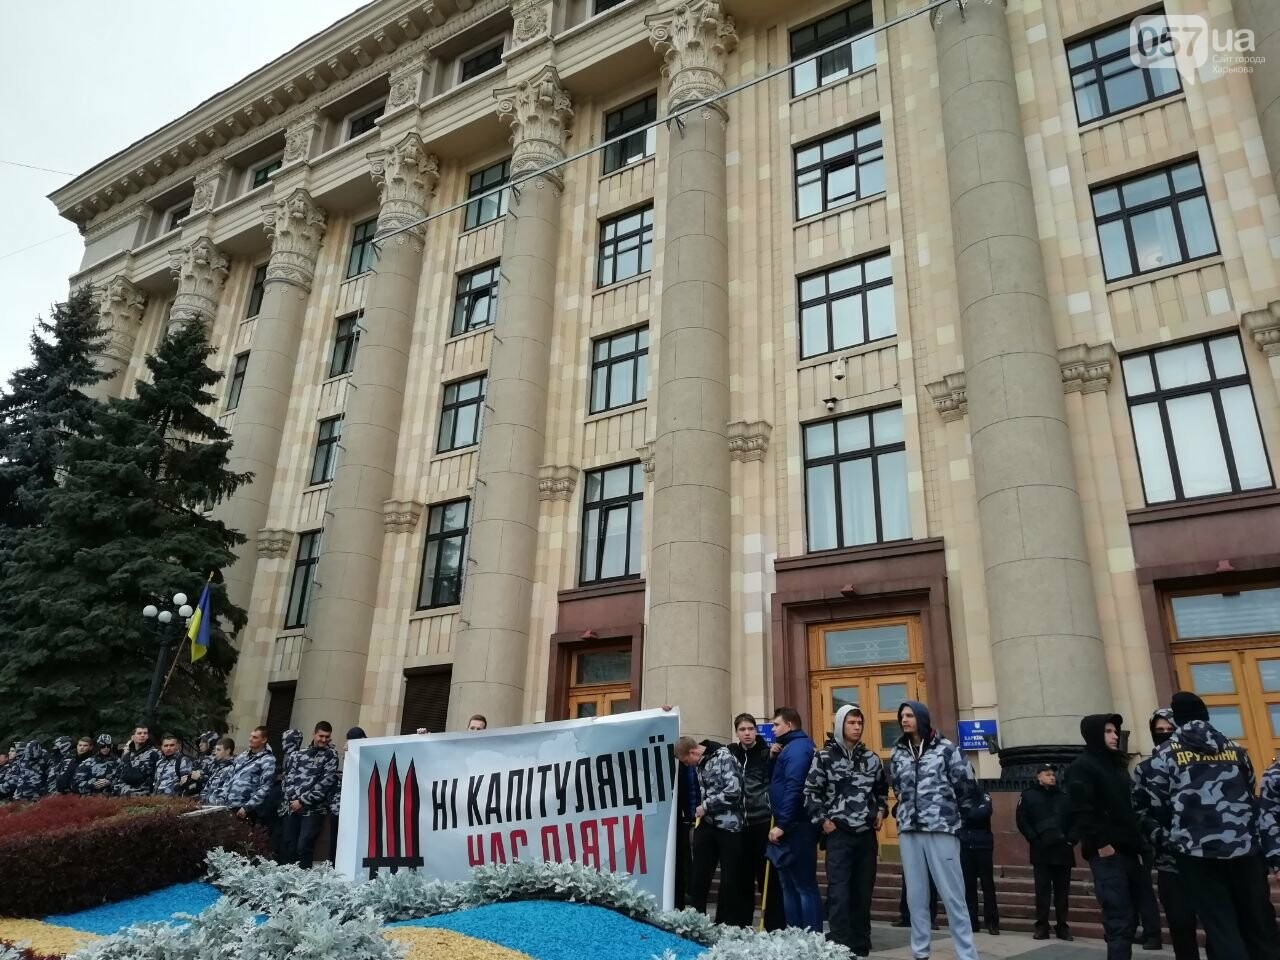 «Нет капитуляции»: харьковские активисты написали коллективное обращение к Зеленскому, - ФОТО, фото-3